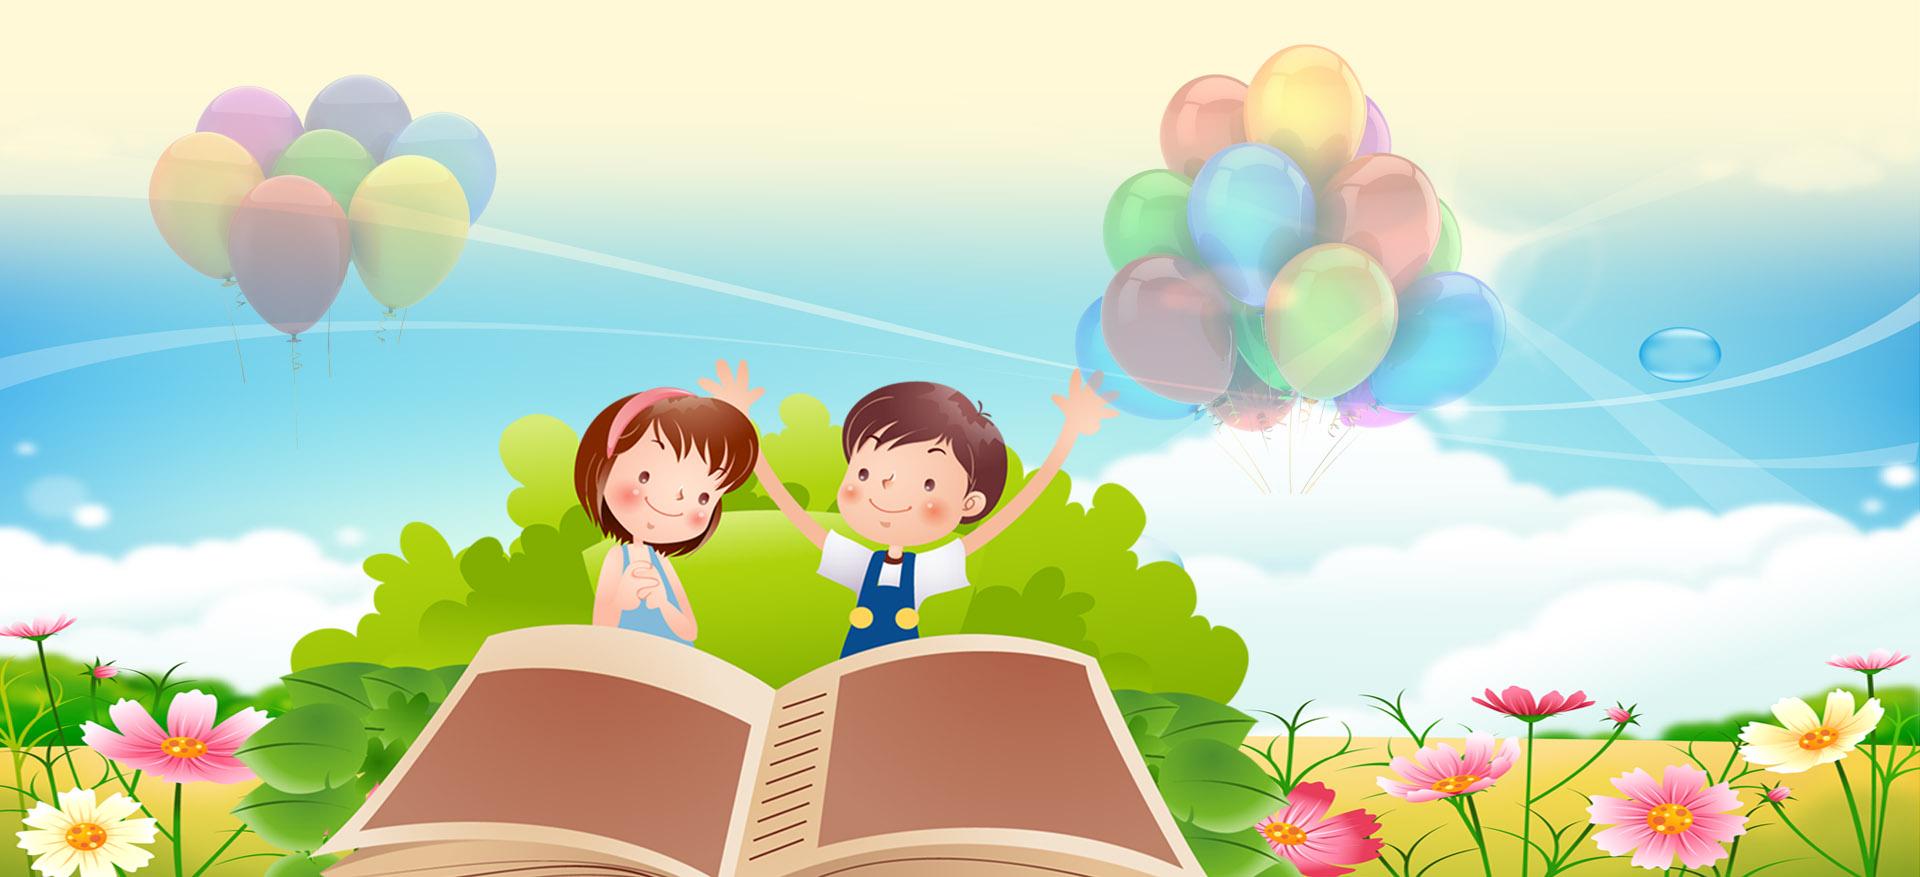 cartoon arte bal u00e3o divertido background crian u00e7as